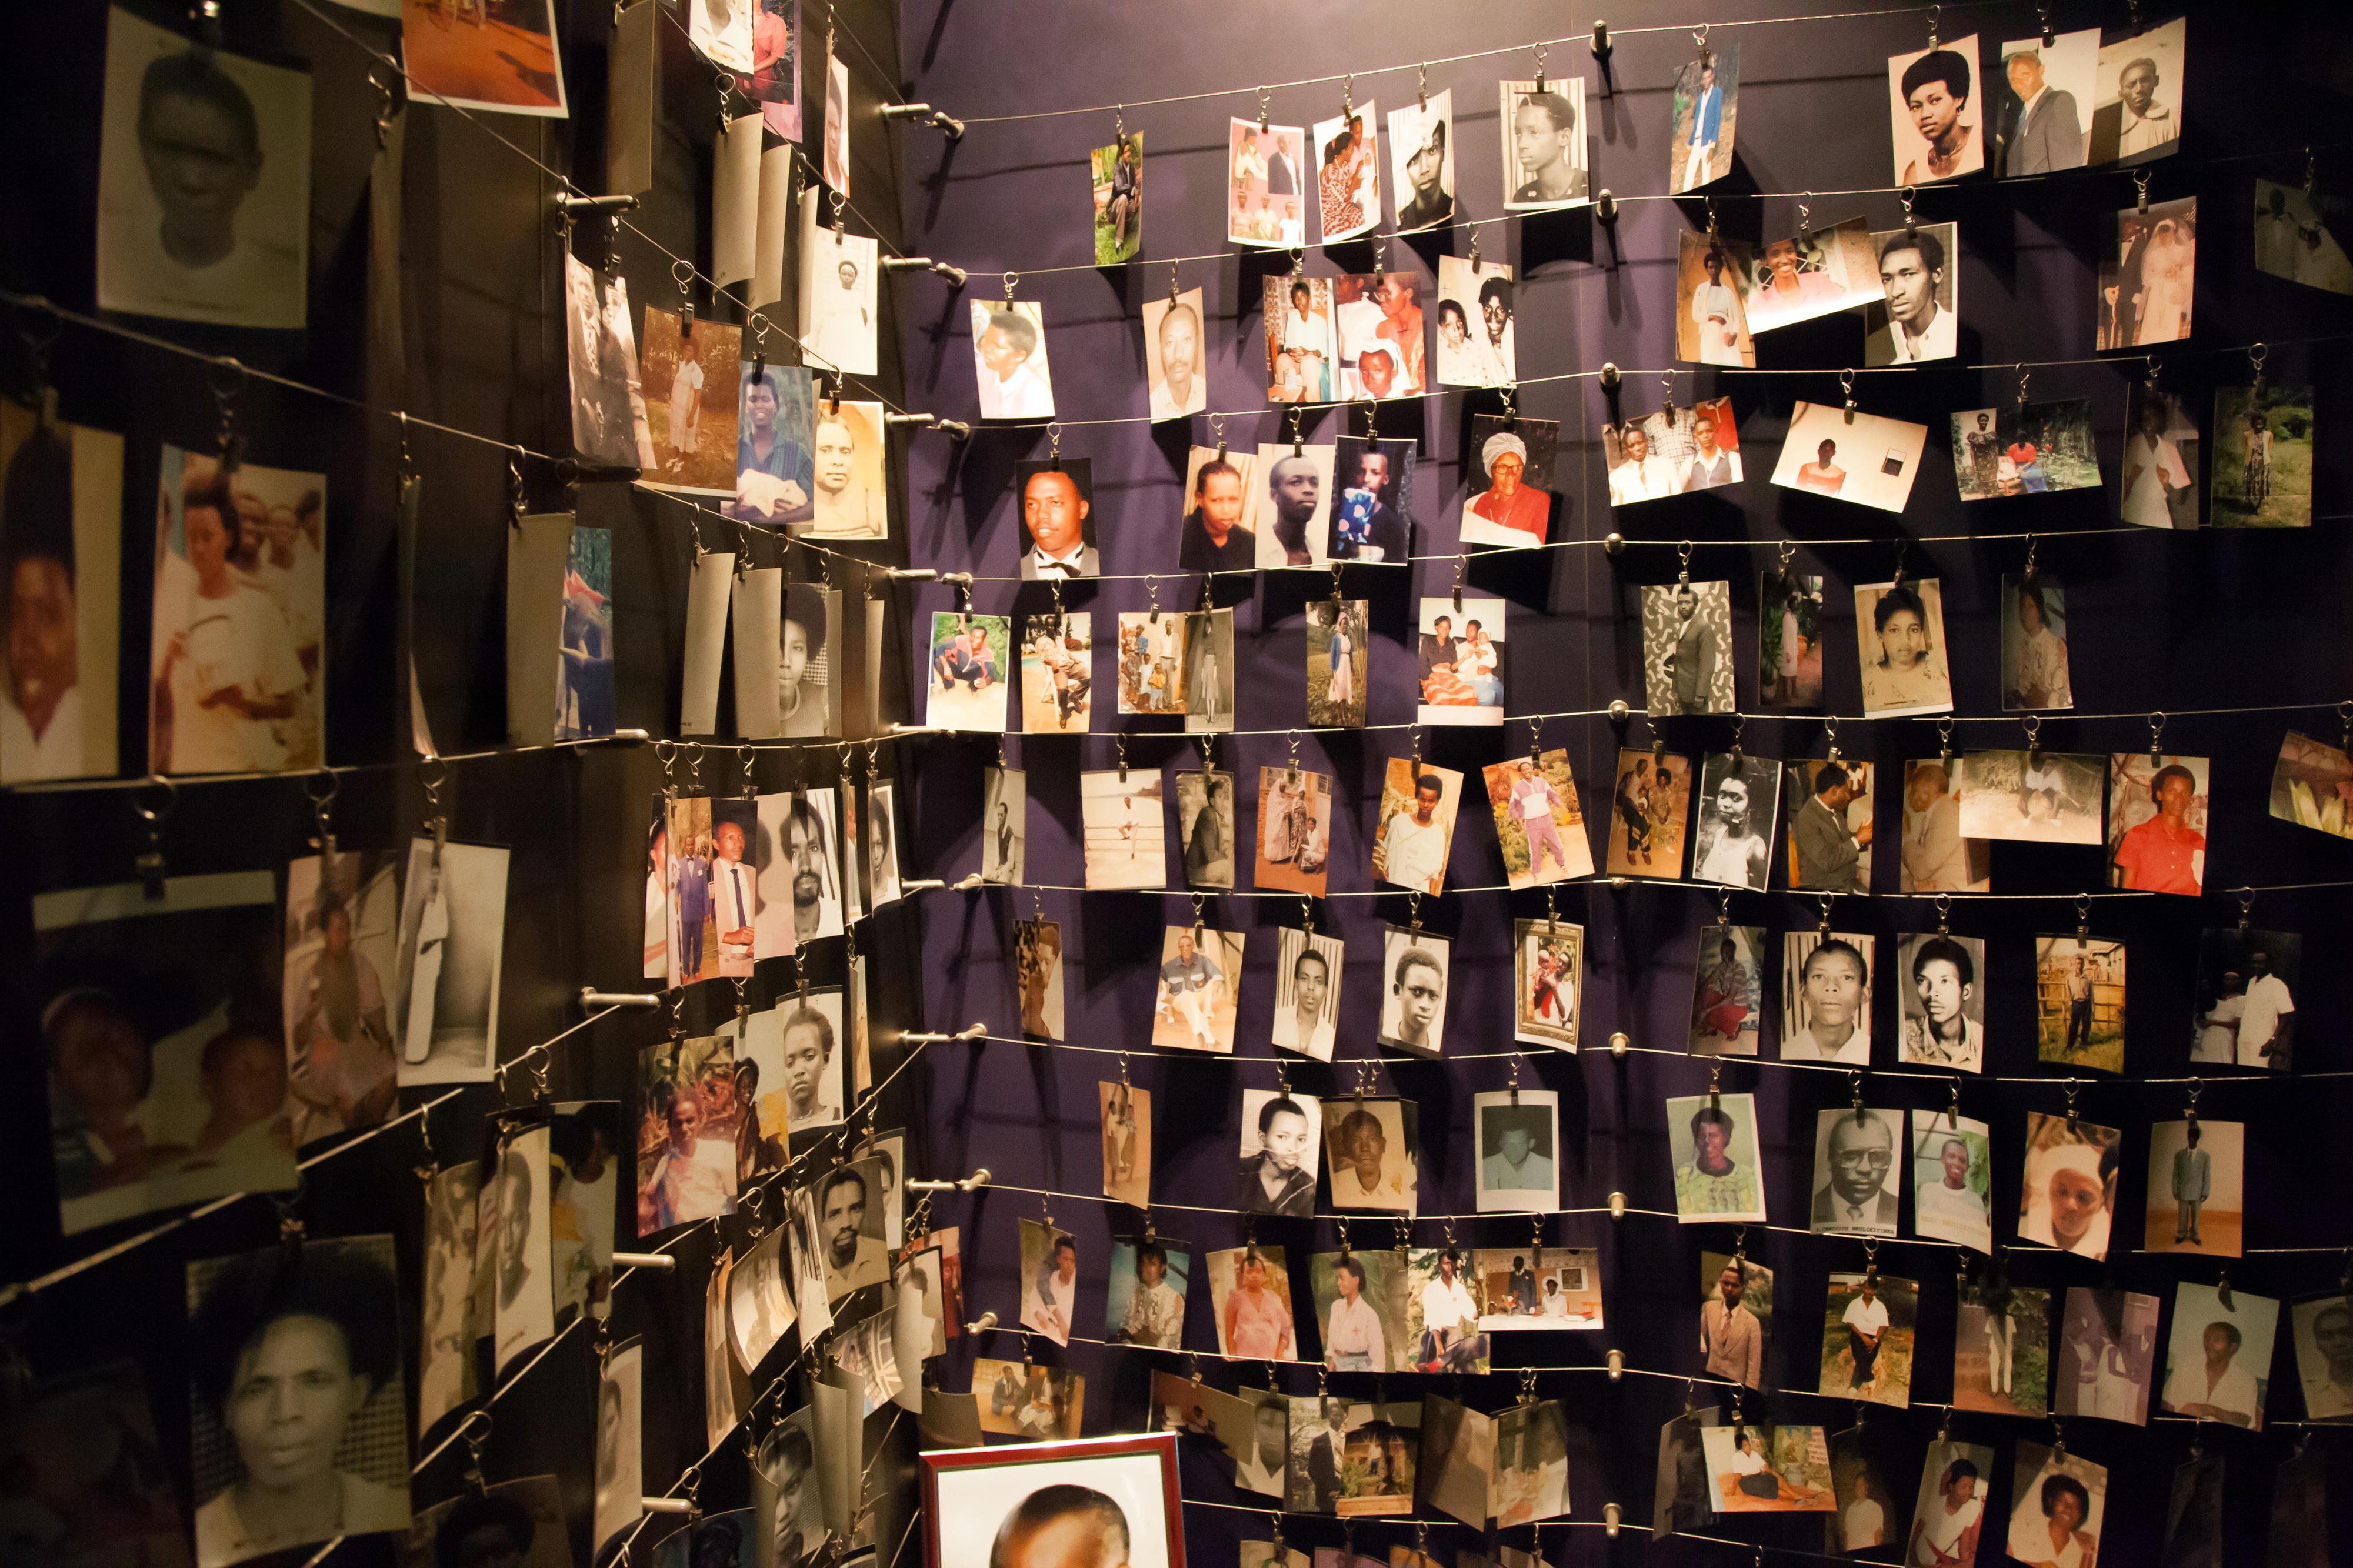 Fotografien von Opfern des Völkermords im Kigali Genocide Memorial Centre. Die Fotos wurden von überlebenden Familienmitgliedern zur Verfügung gestellt, die an ihre Angehörigen erinnern wollen.